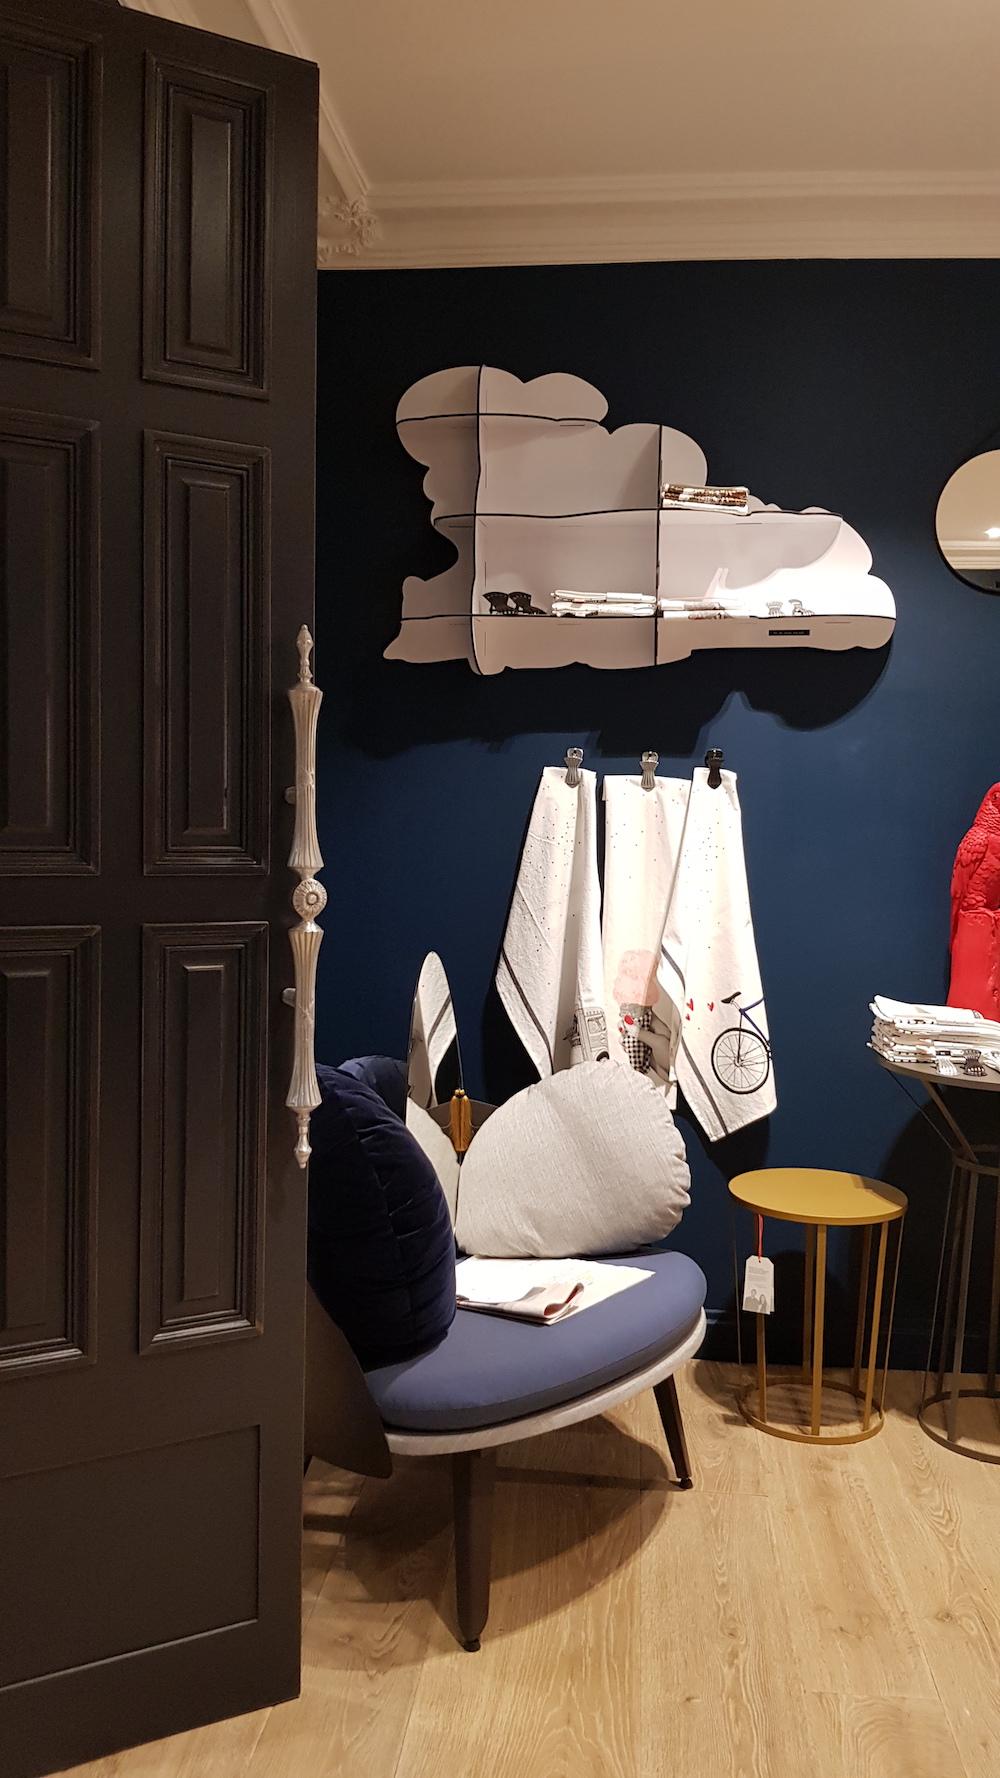 Renovation-boutique-decoration-lagny-77-large-3